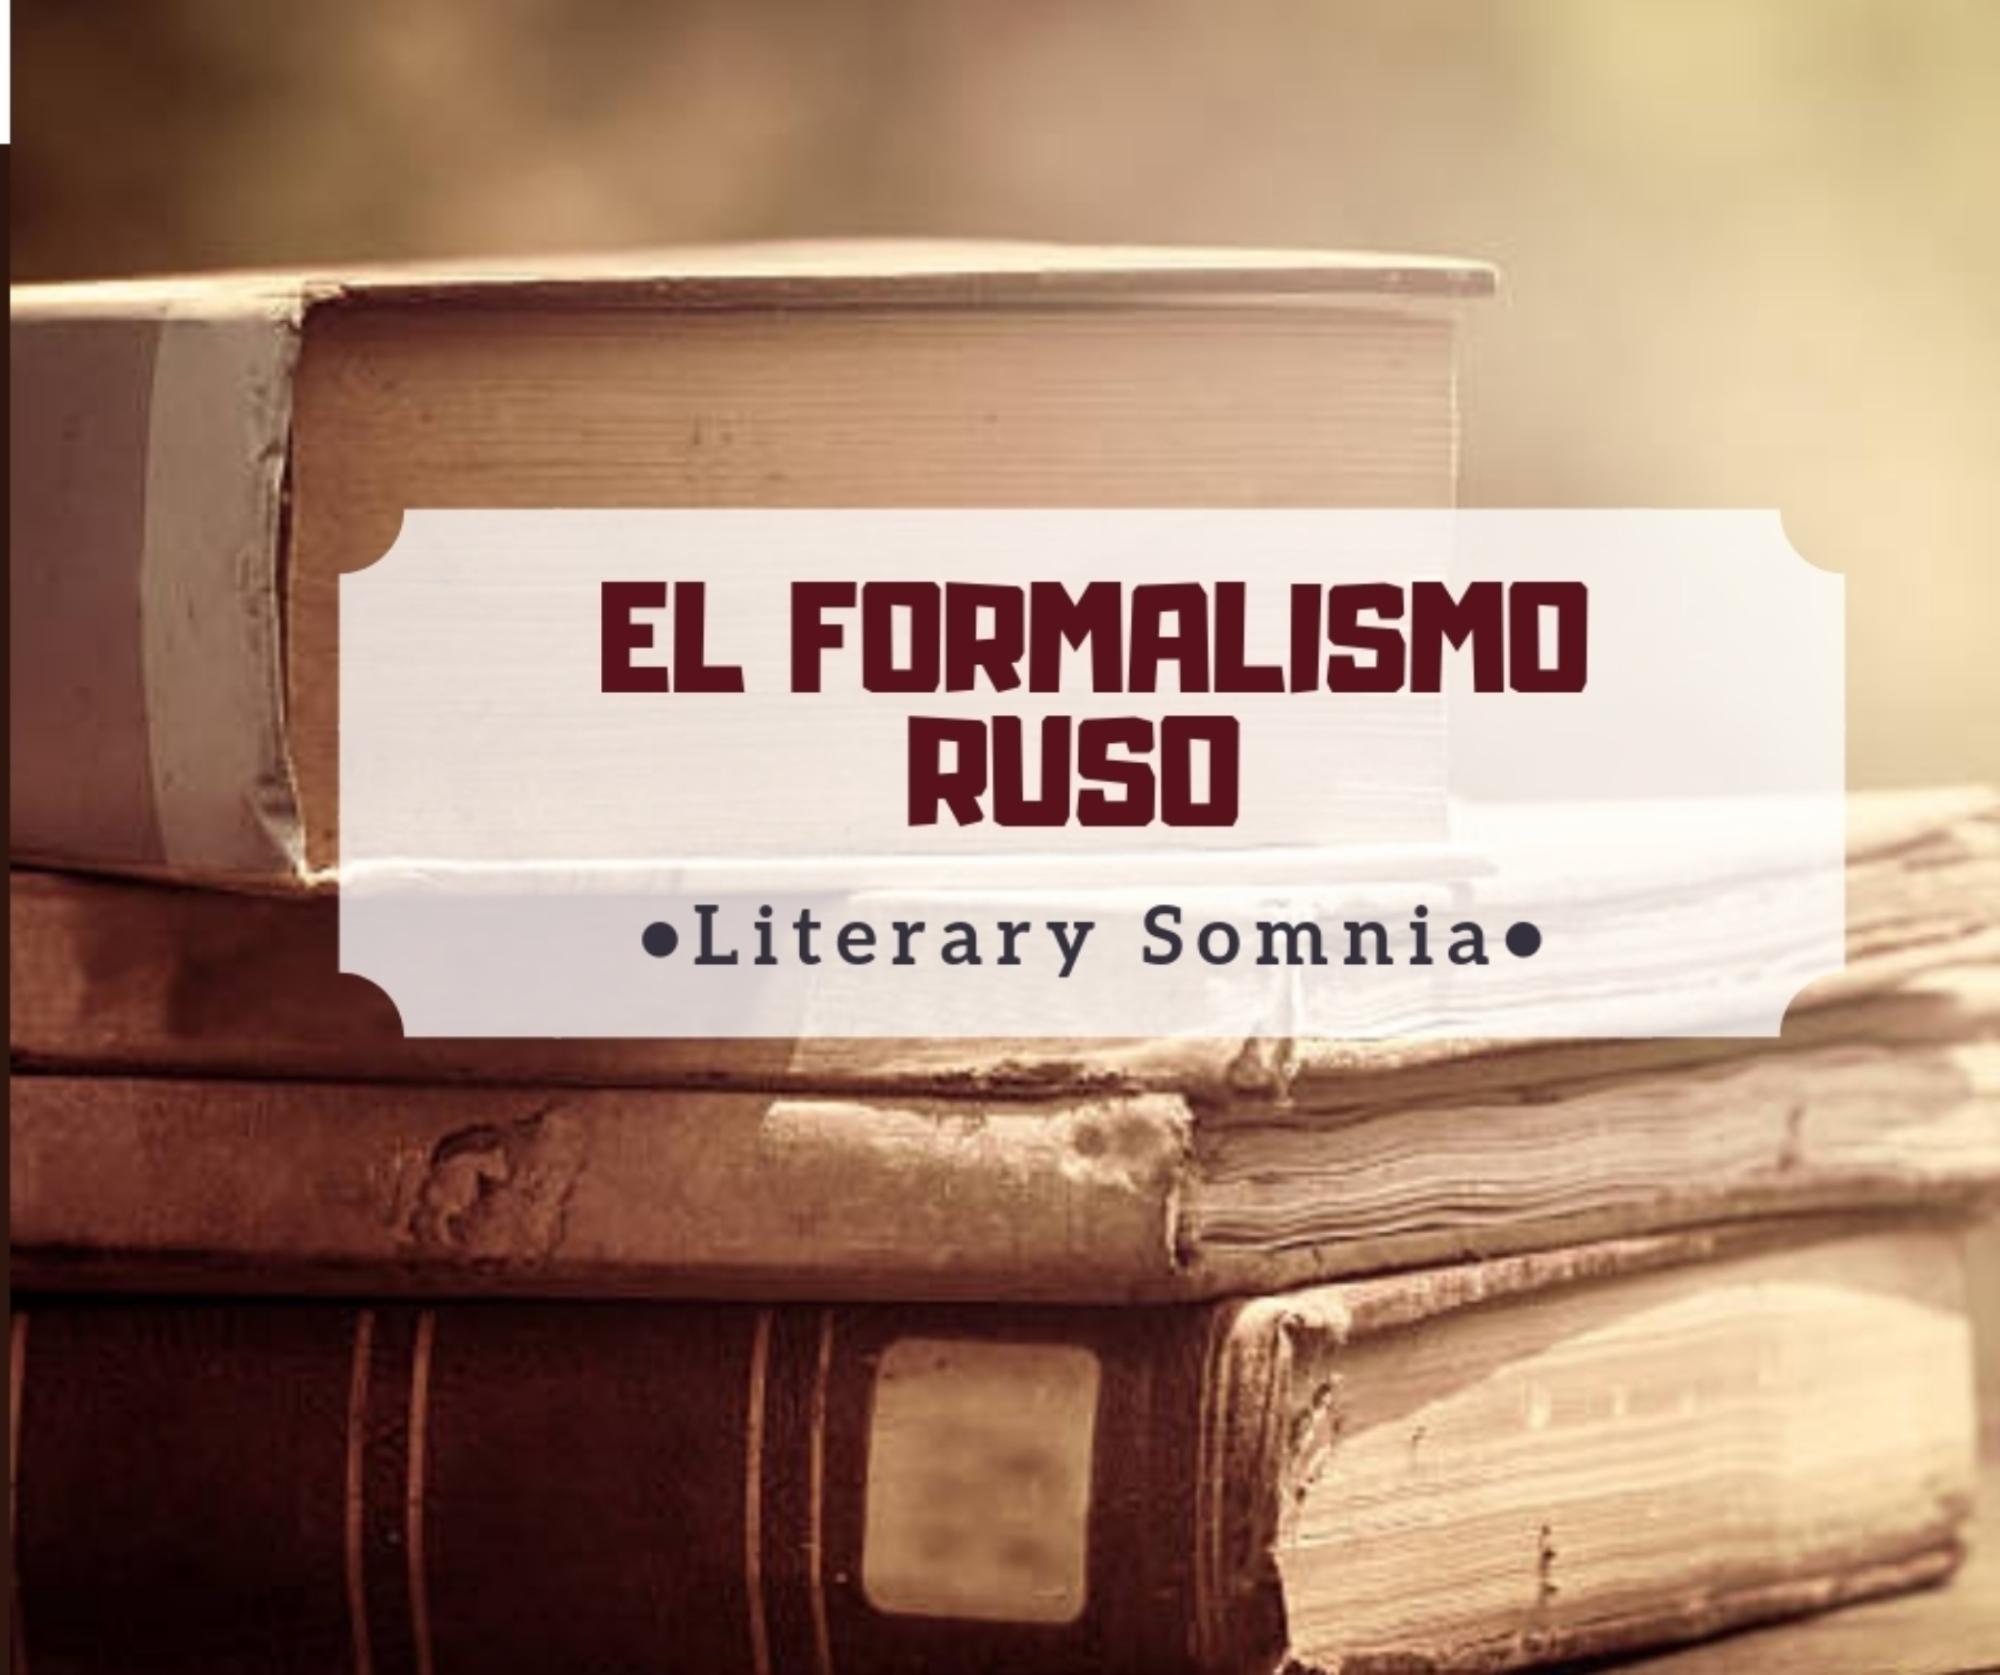 El Formalismo Ruso